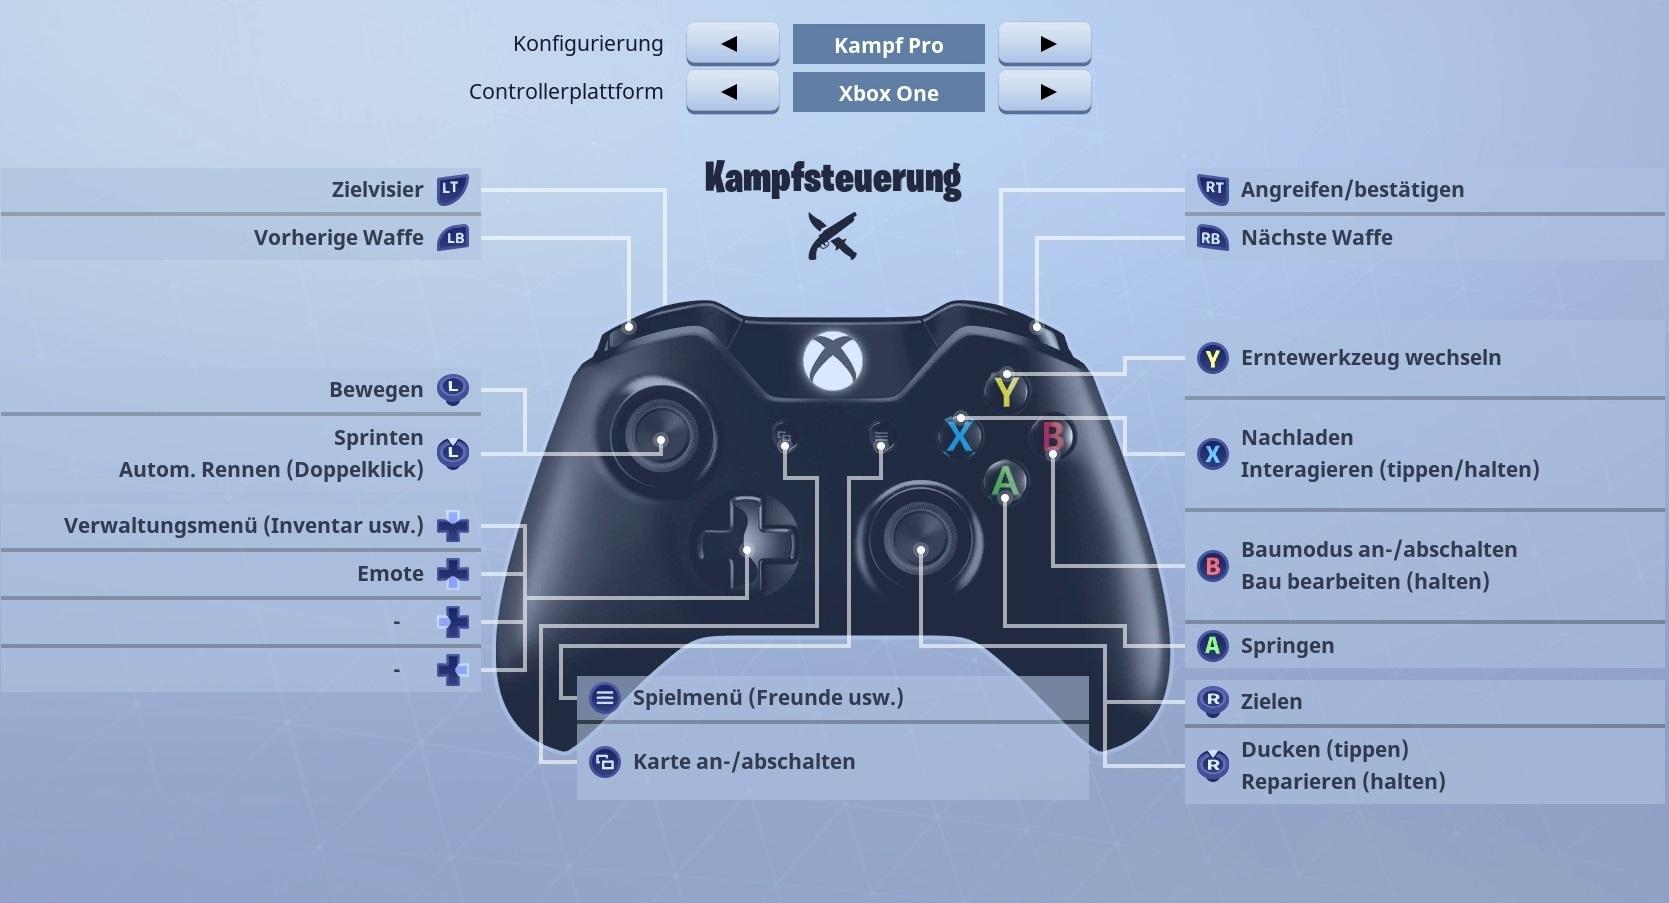 Fortnite Br Steuerung Fur Pc Ps4 Und Xbox Erklart Giga